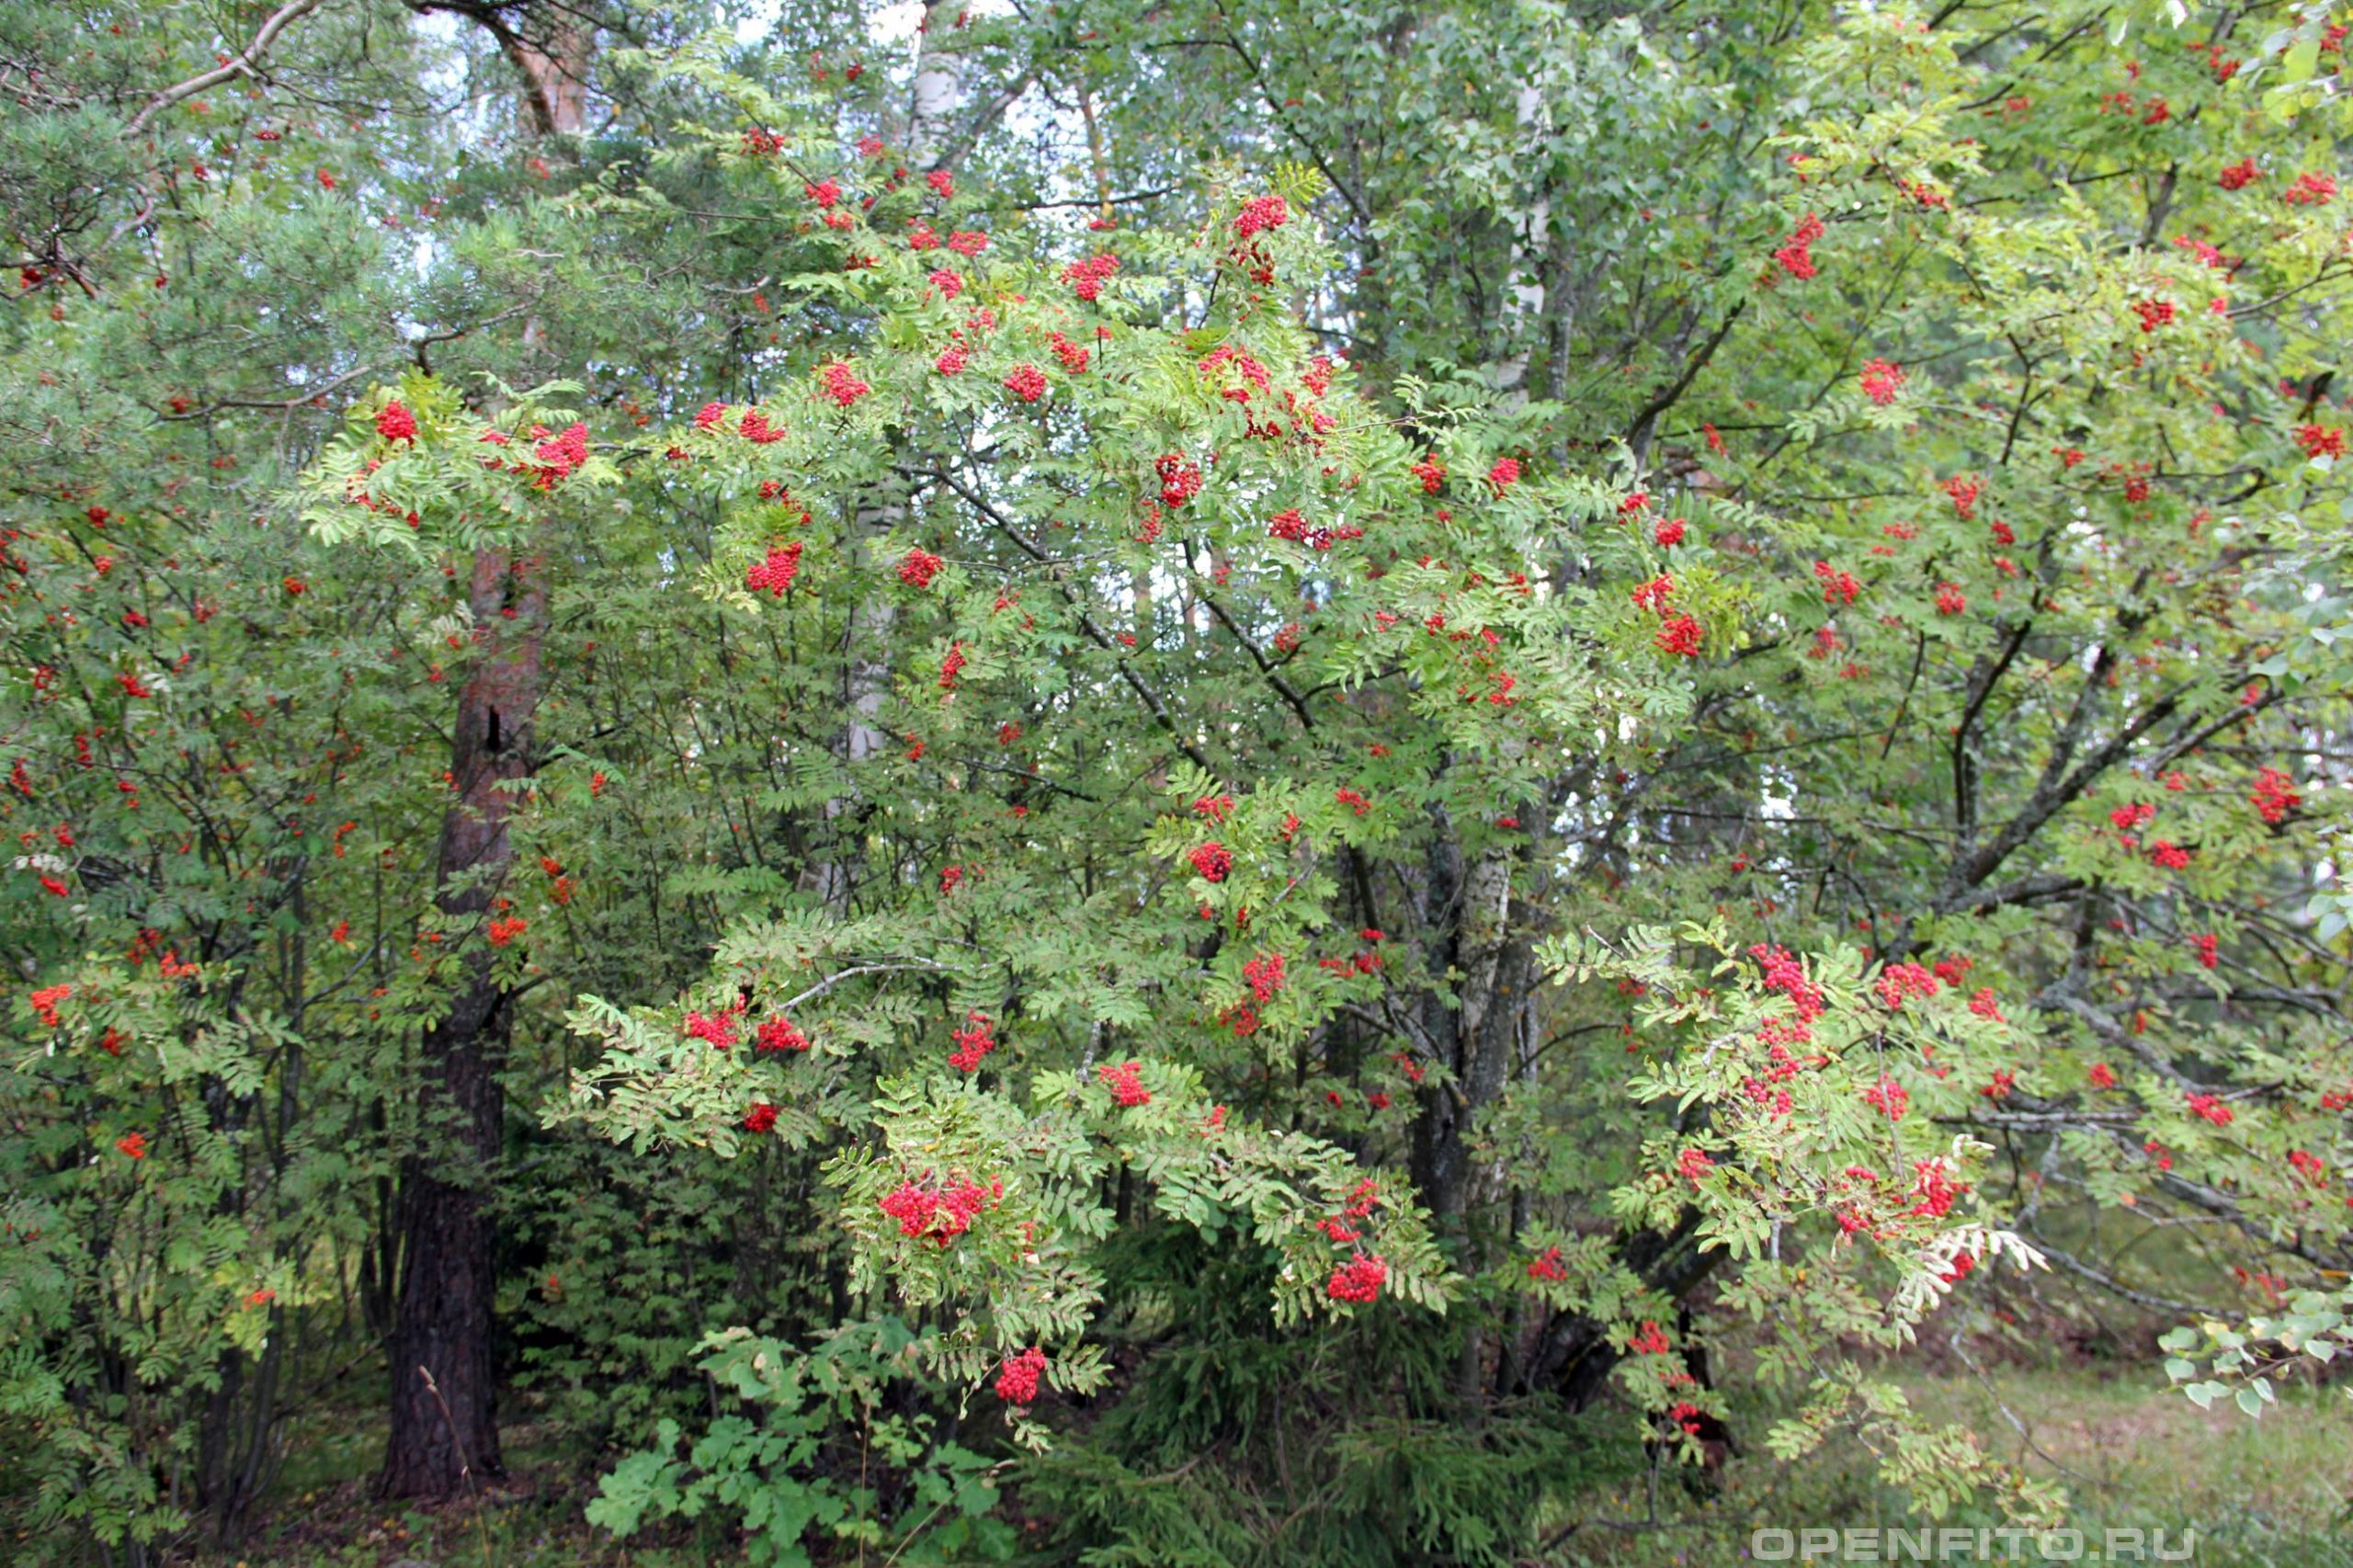 Рябина обыкновенная плодоносящее дерево